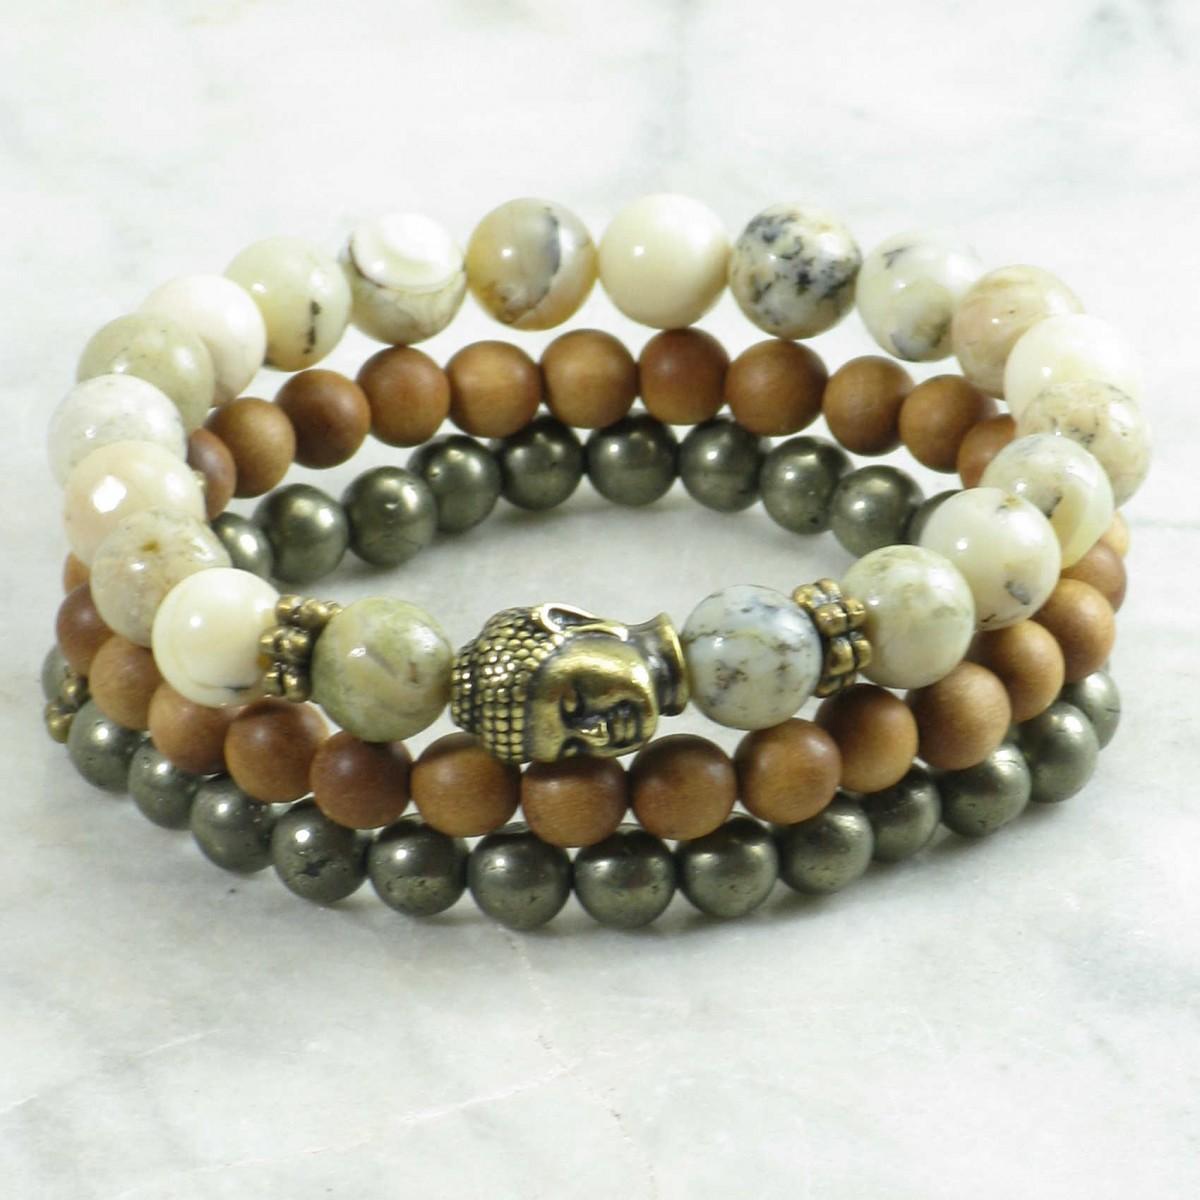 Golden_Buddha_Mala_Beads_Stack_21_Opal_Pyrite_Sandalwood_Mala_Beads_Buddhist_Prayer_Beads